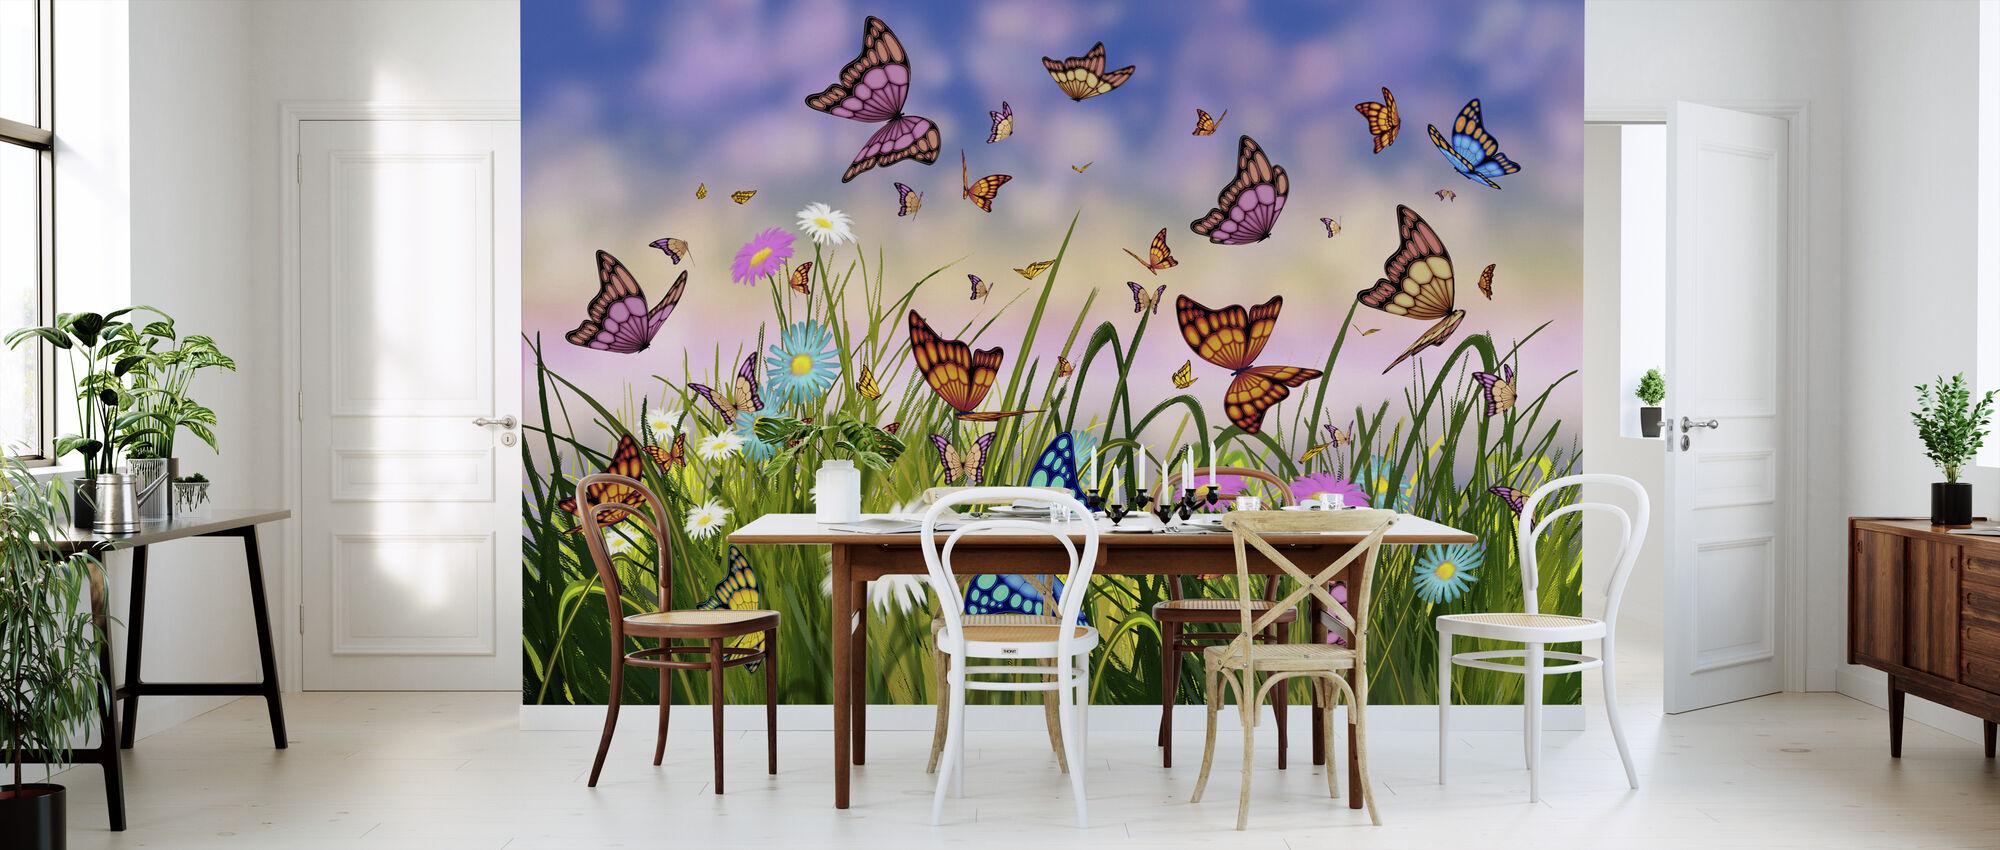 Butterfly Dreams - Wallpaper - Kitchen